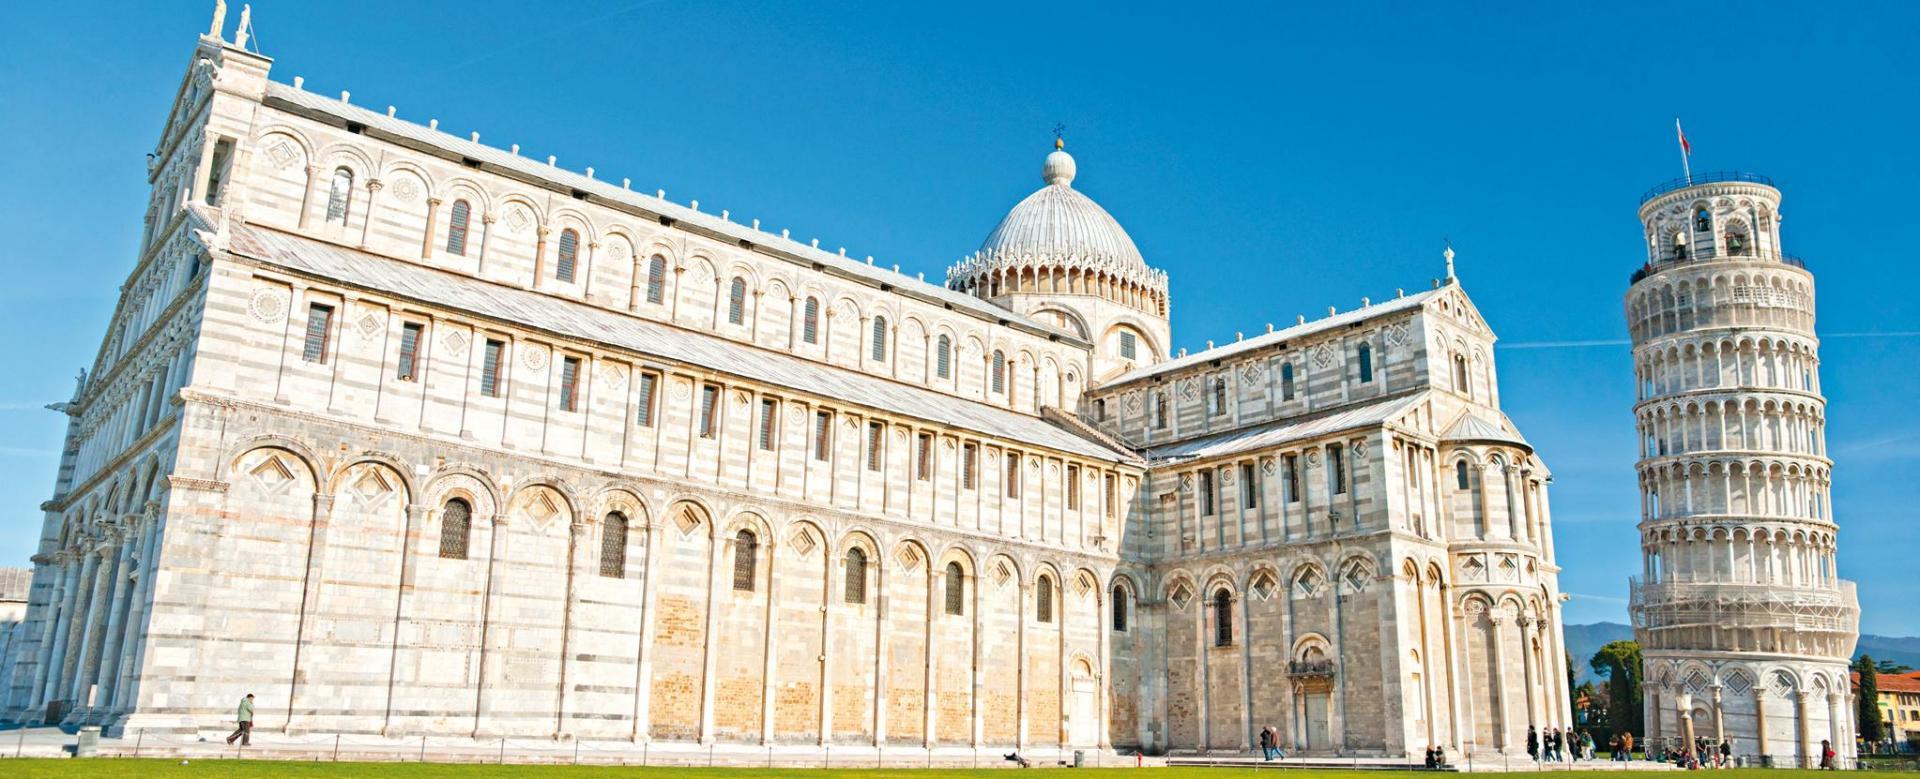 Voyage à vélo : Italie : La via francigena à vélo : de pise à sienne